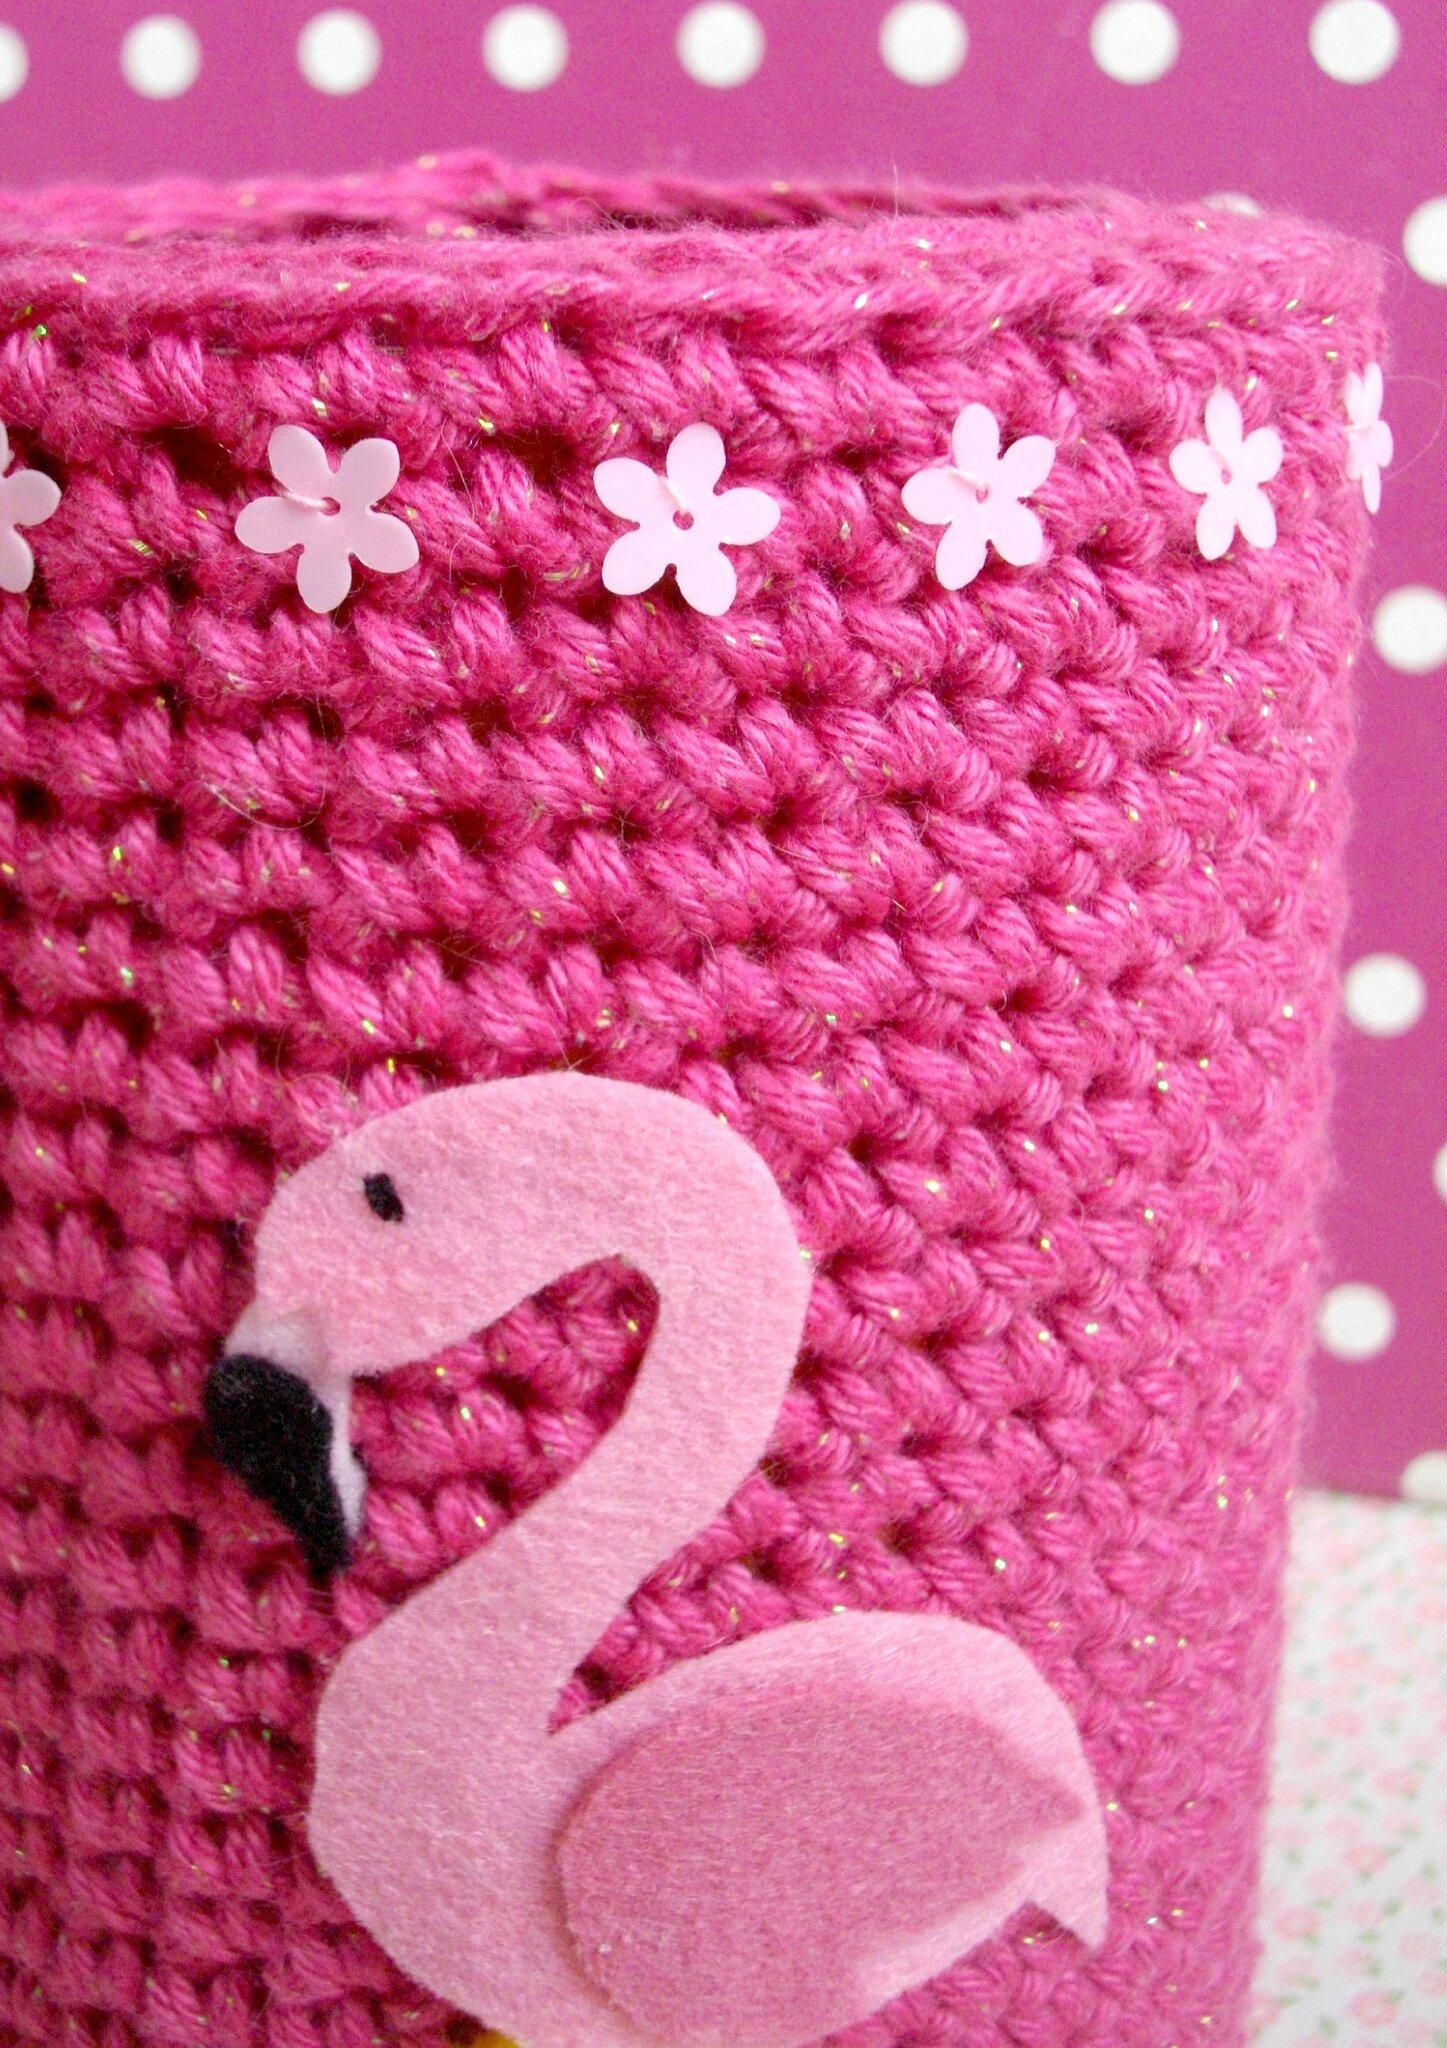 flamant-rose-pink-flamingo-sequins-fleurs-flower-paillettes-the-serial-crocheteuses